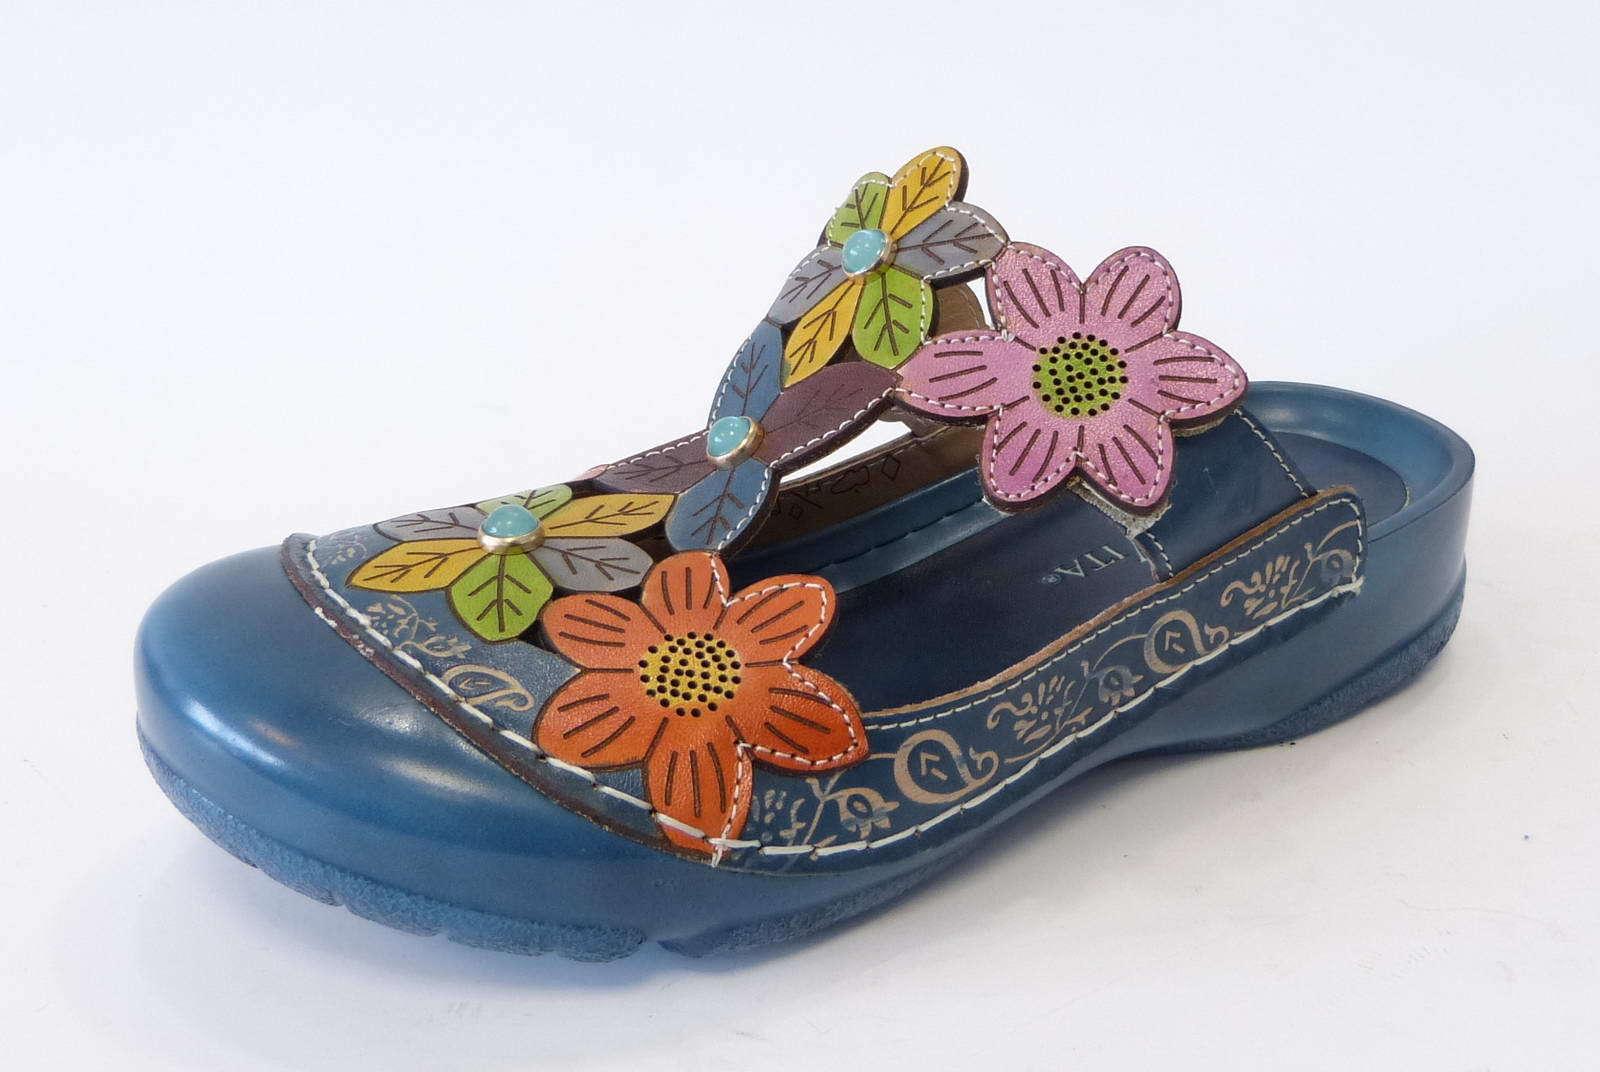 Laura vita clog Bianca 20 azul jeans flores cuero sandalia es cx08102